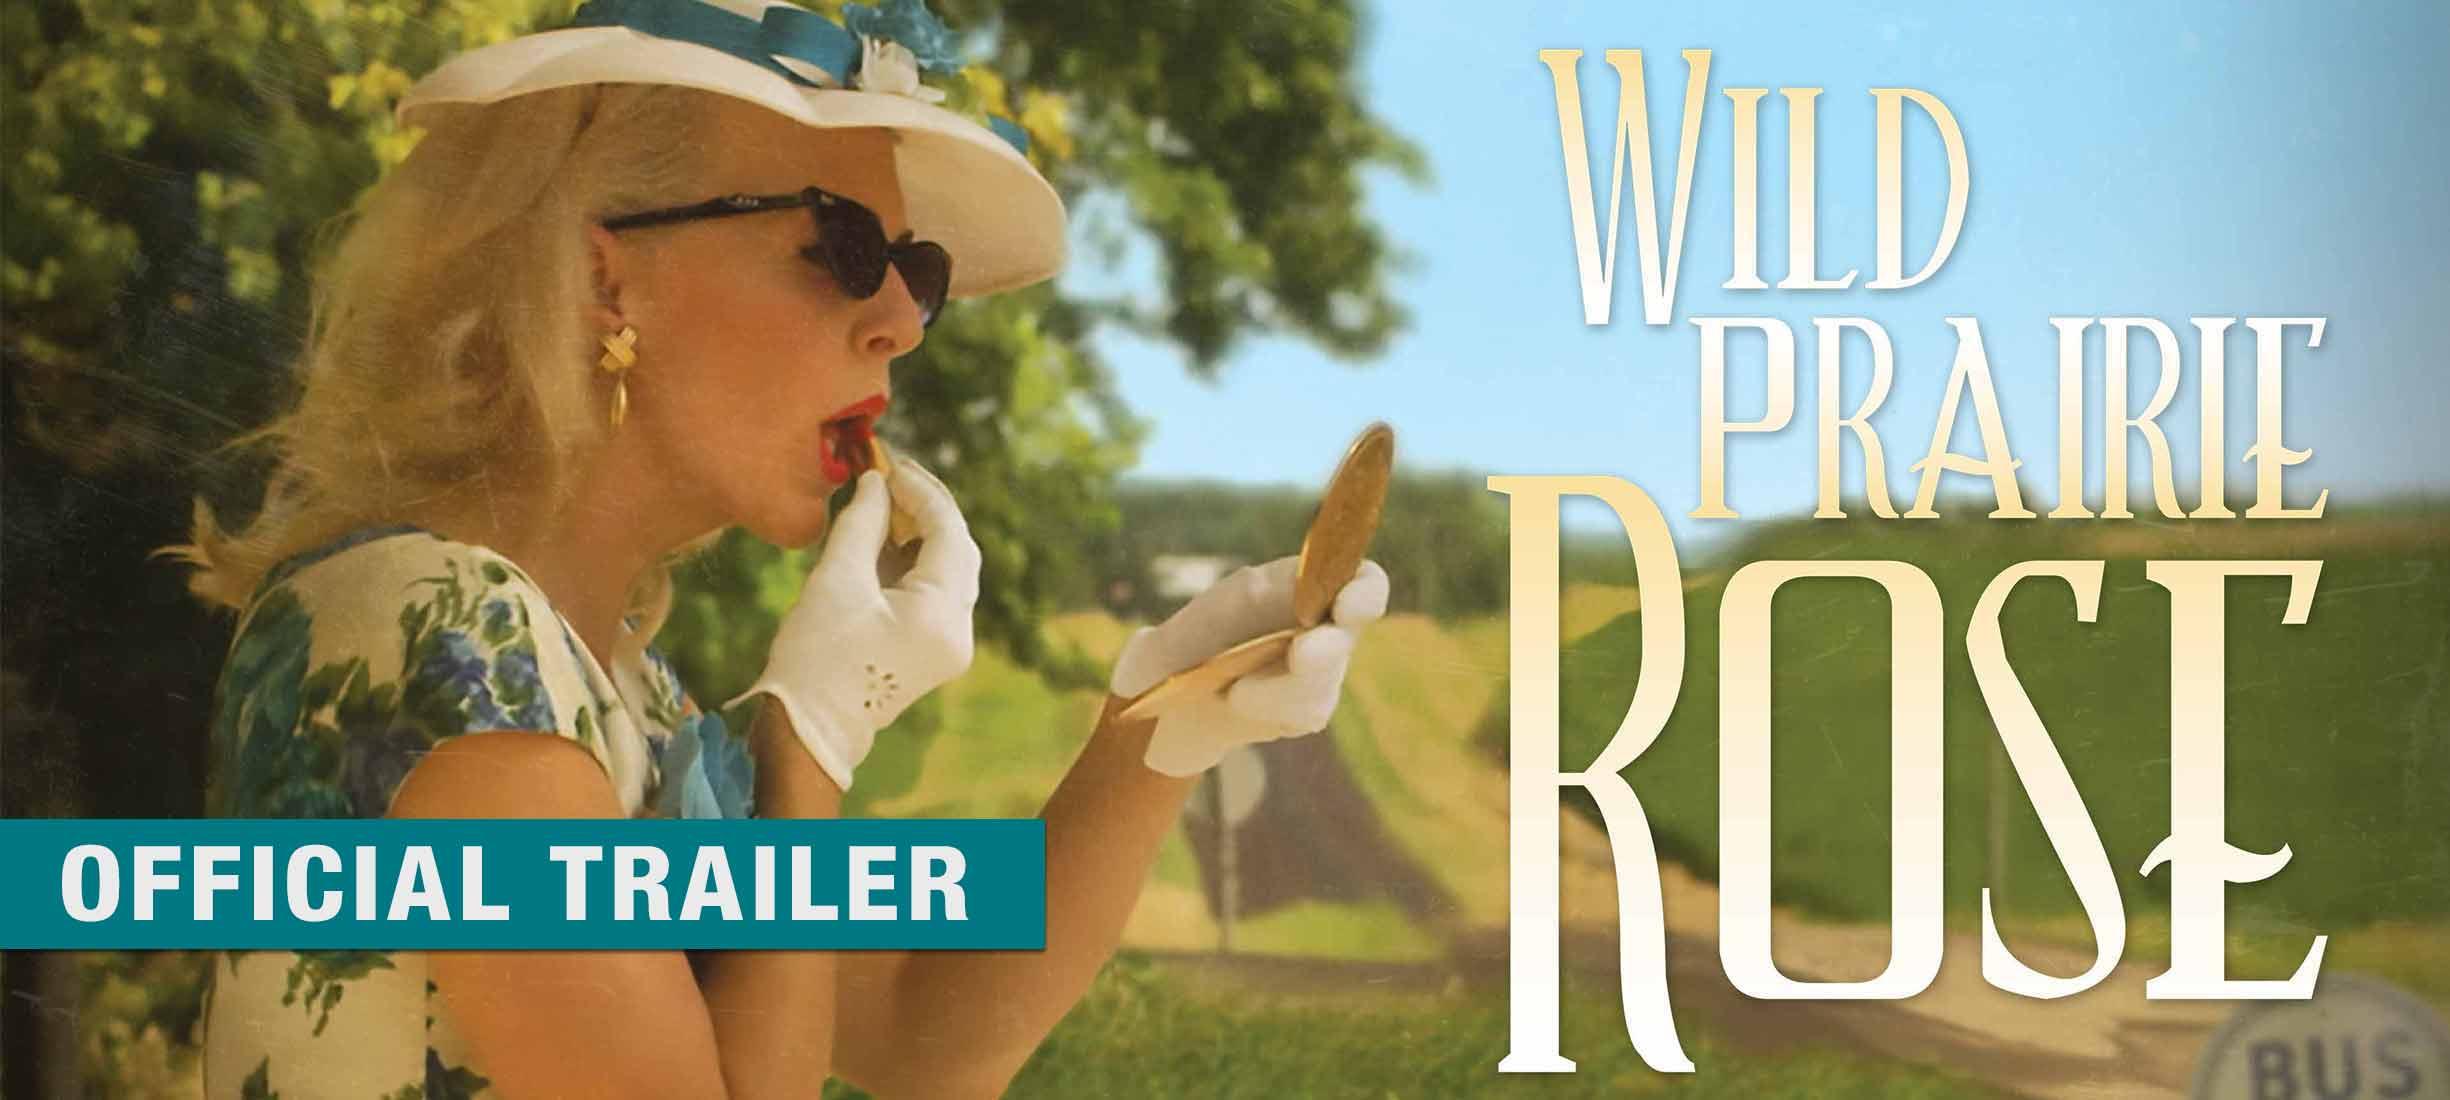 Wild Prairie Rose: Trailer